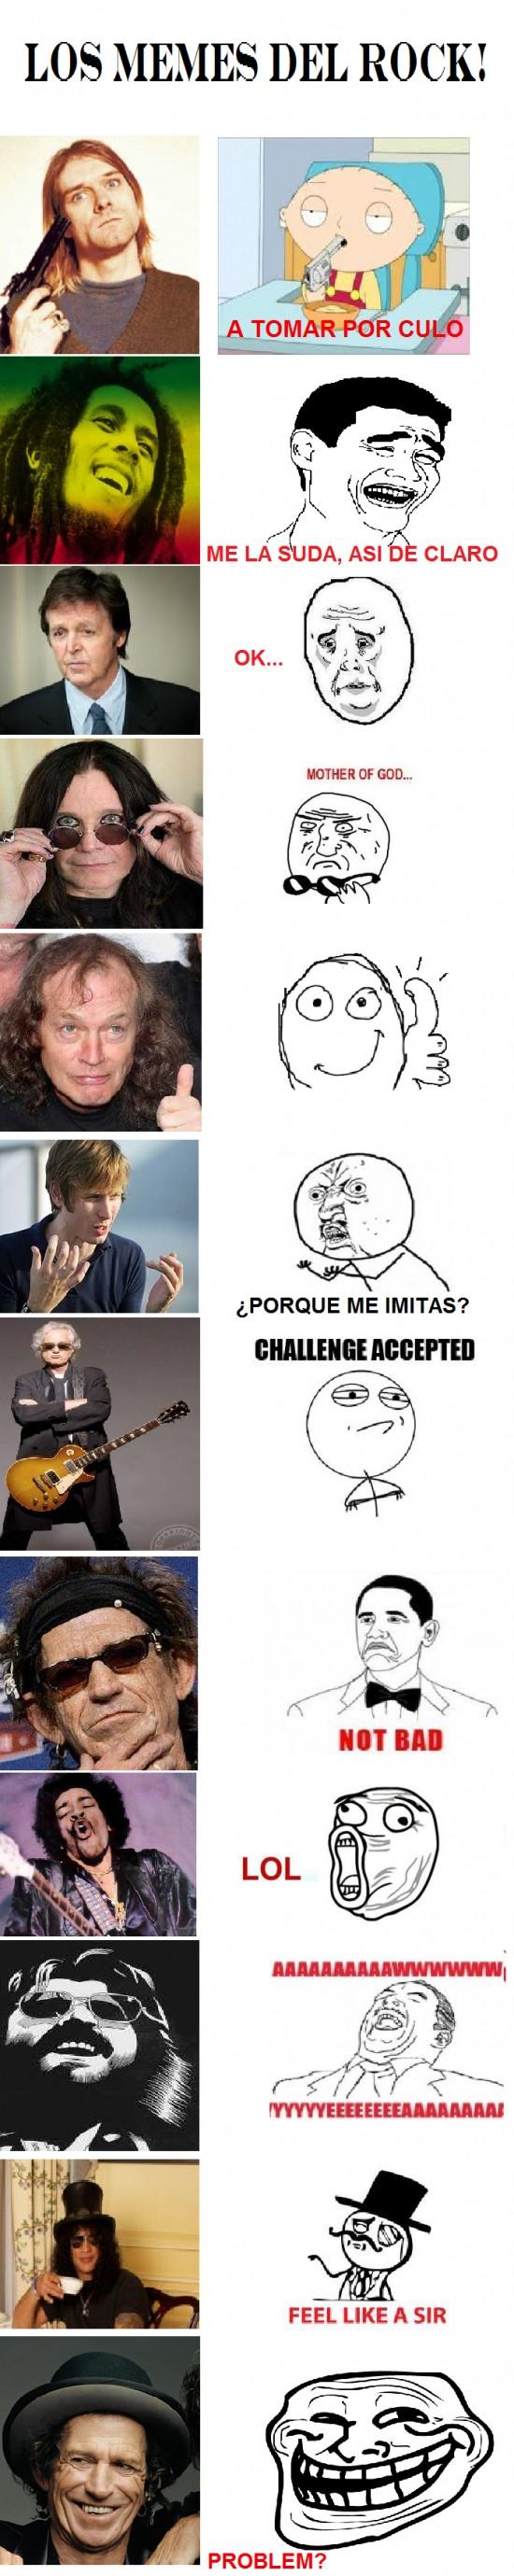 Mix - Memes del Rock